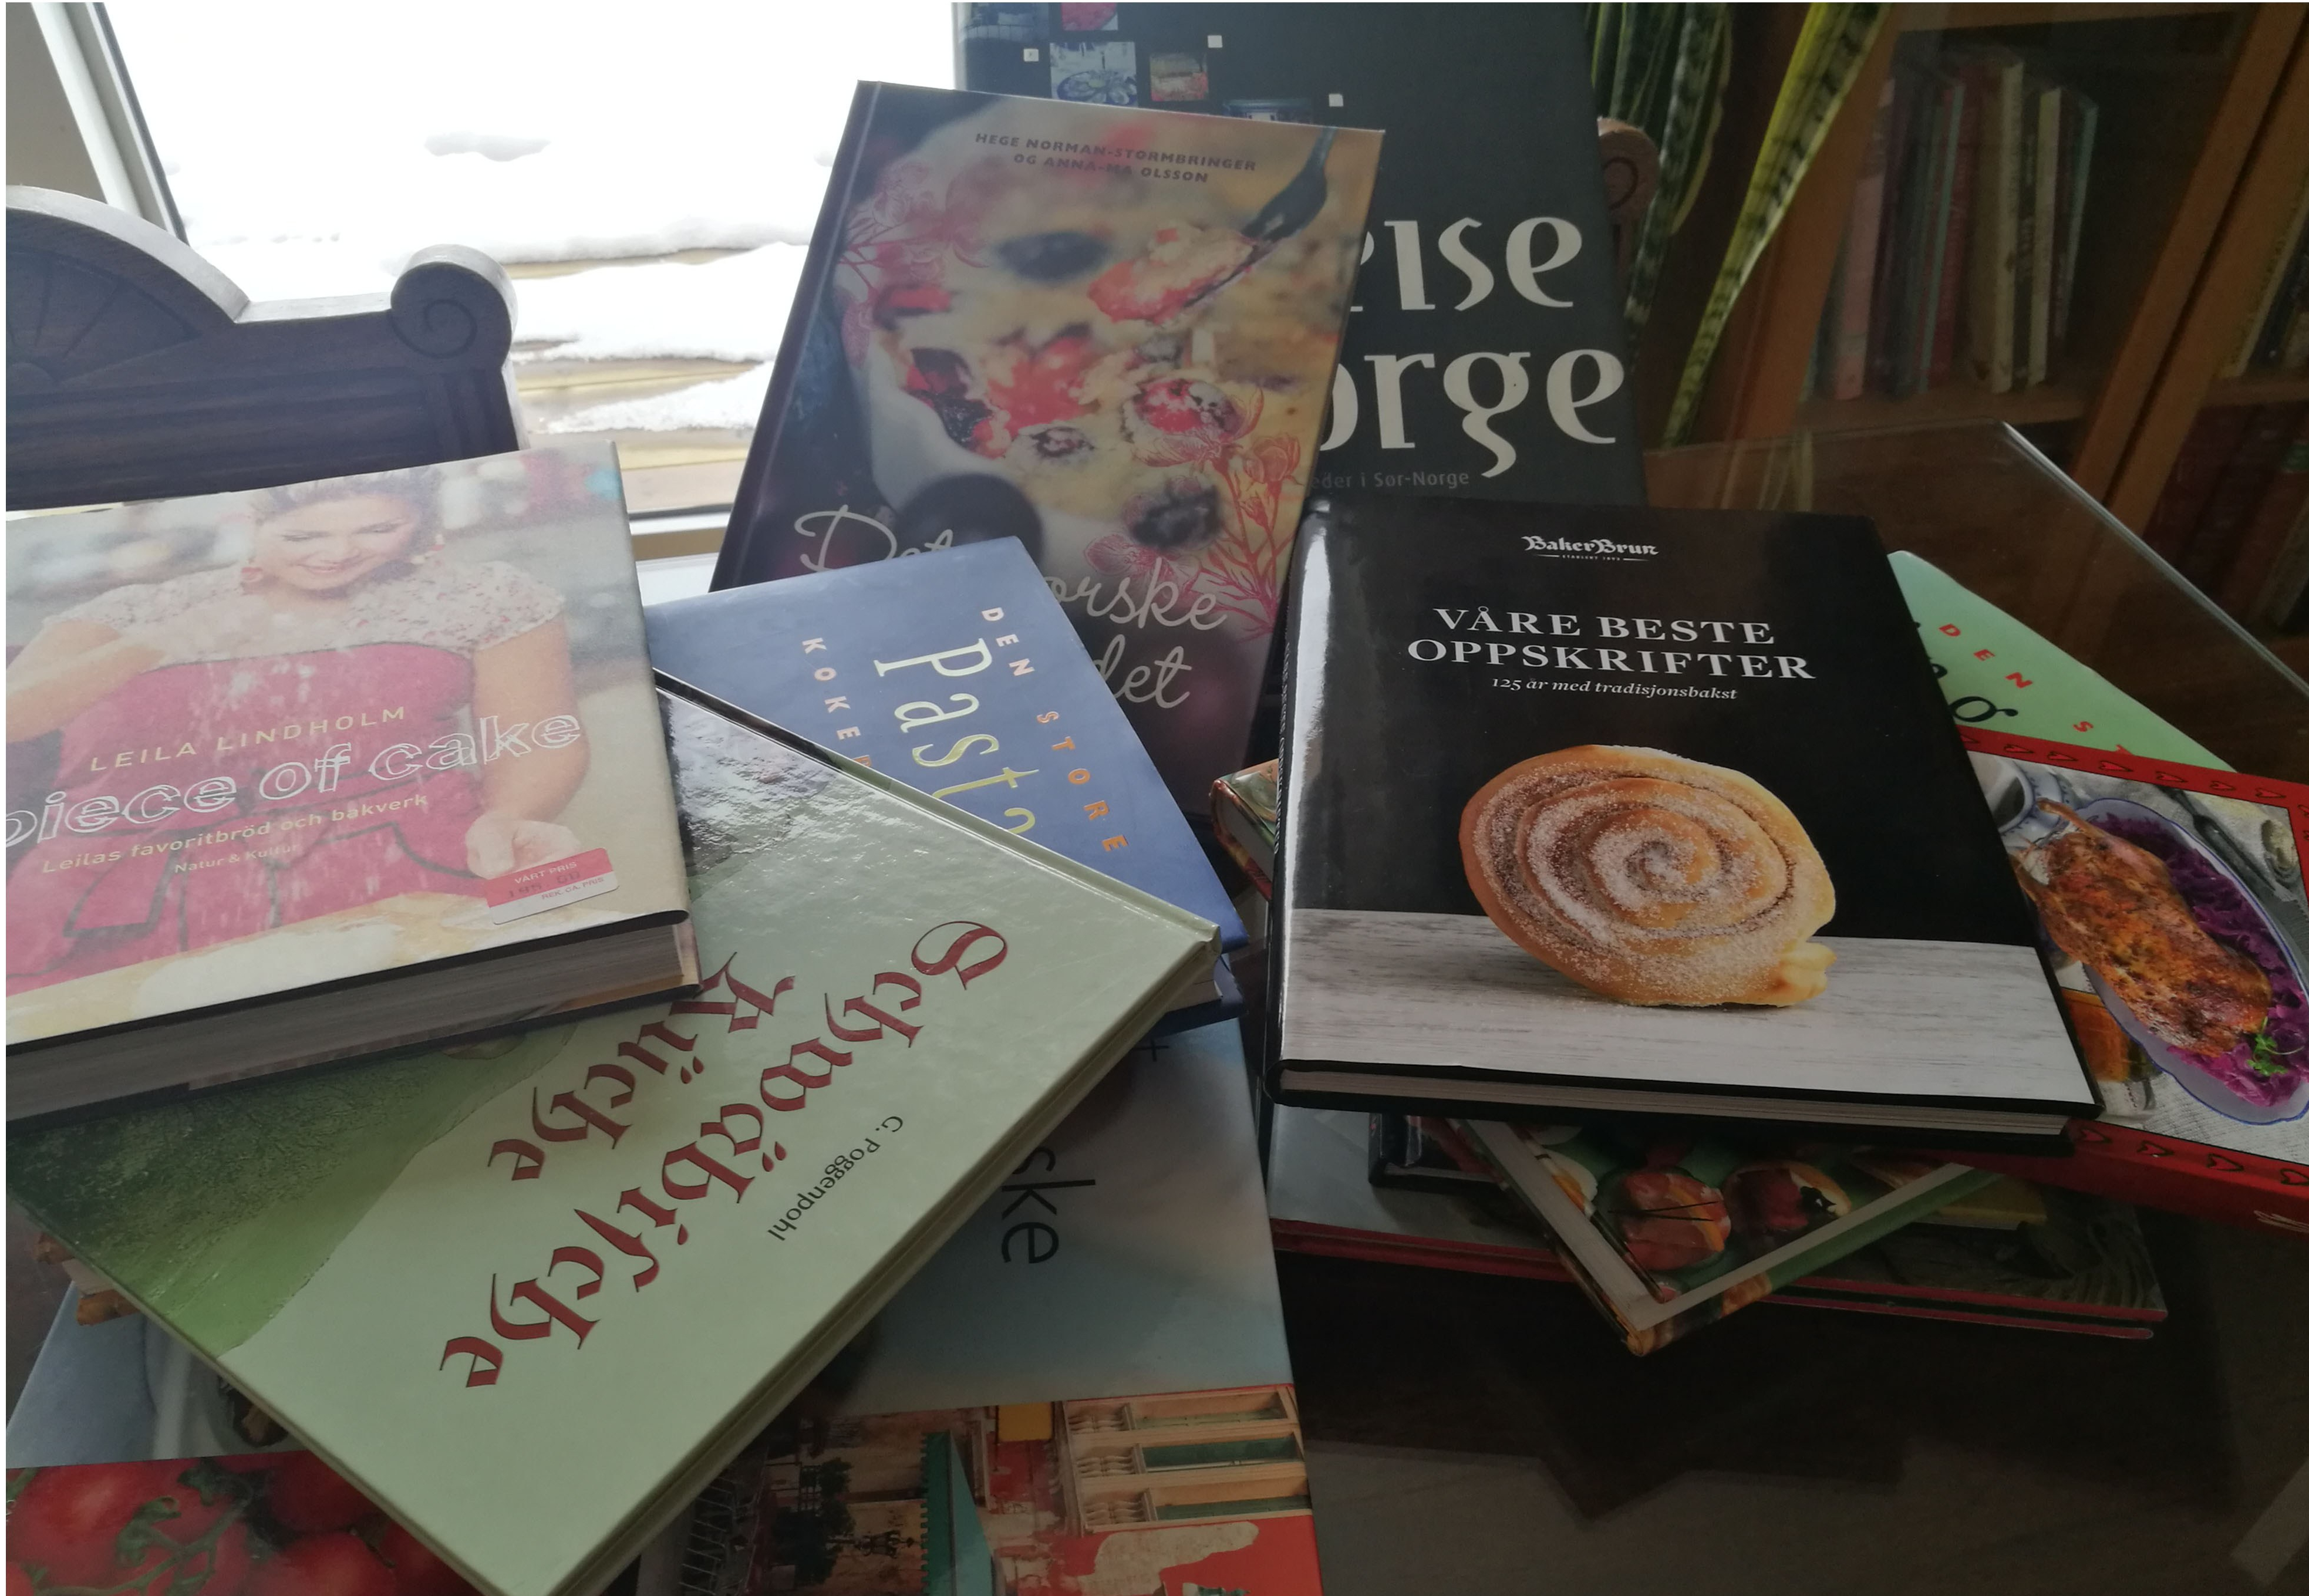 Jeg har litt av en jobb foran meg med å velge kokebok til utfordringen. - Hvilken kokebok skal jeg velge?